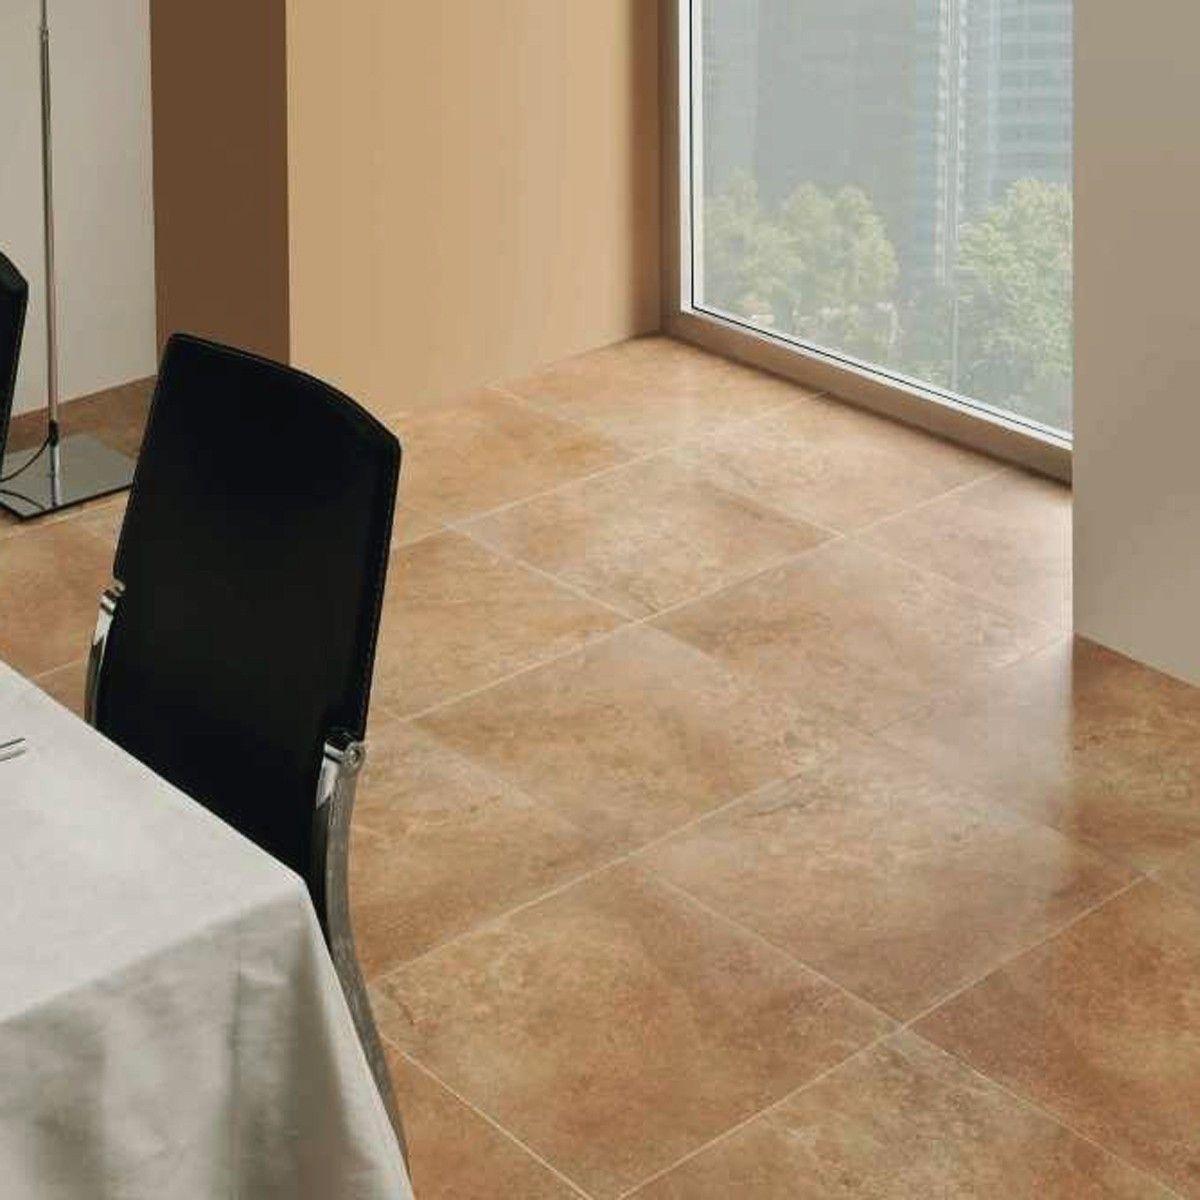 Crown tiles 45x45 pompeya noce floor tile crown tiles floor crown tiles 45x45 pompeya noce floor tile crown tiles dailygadgetfo Gallery